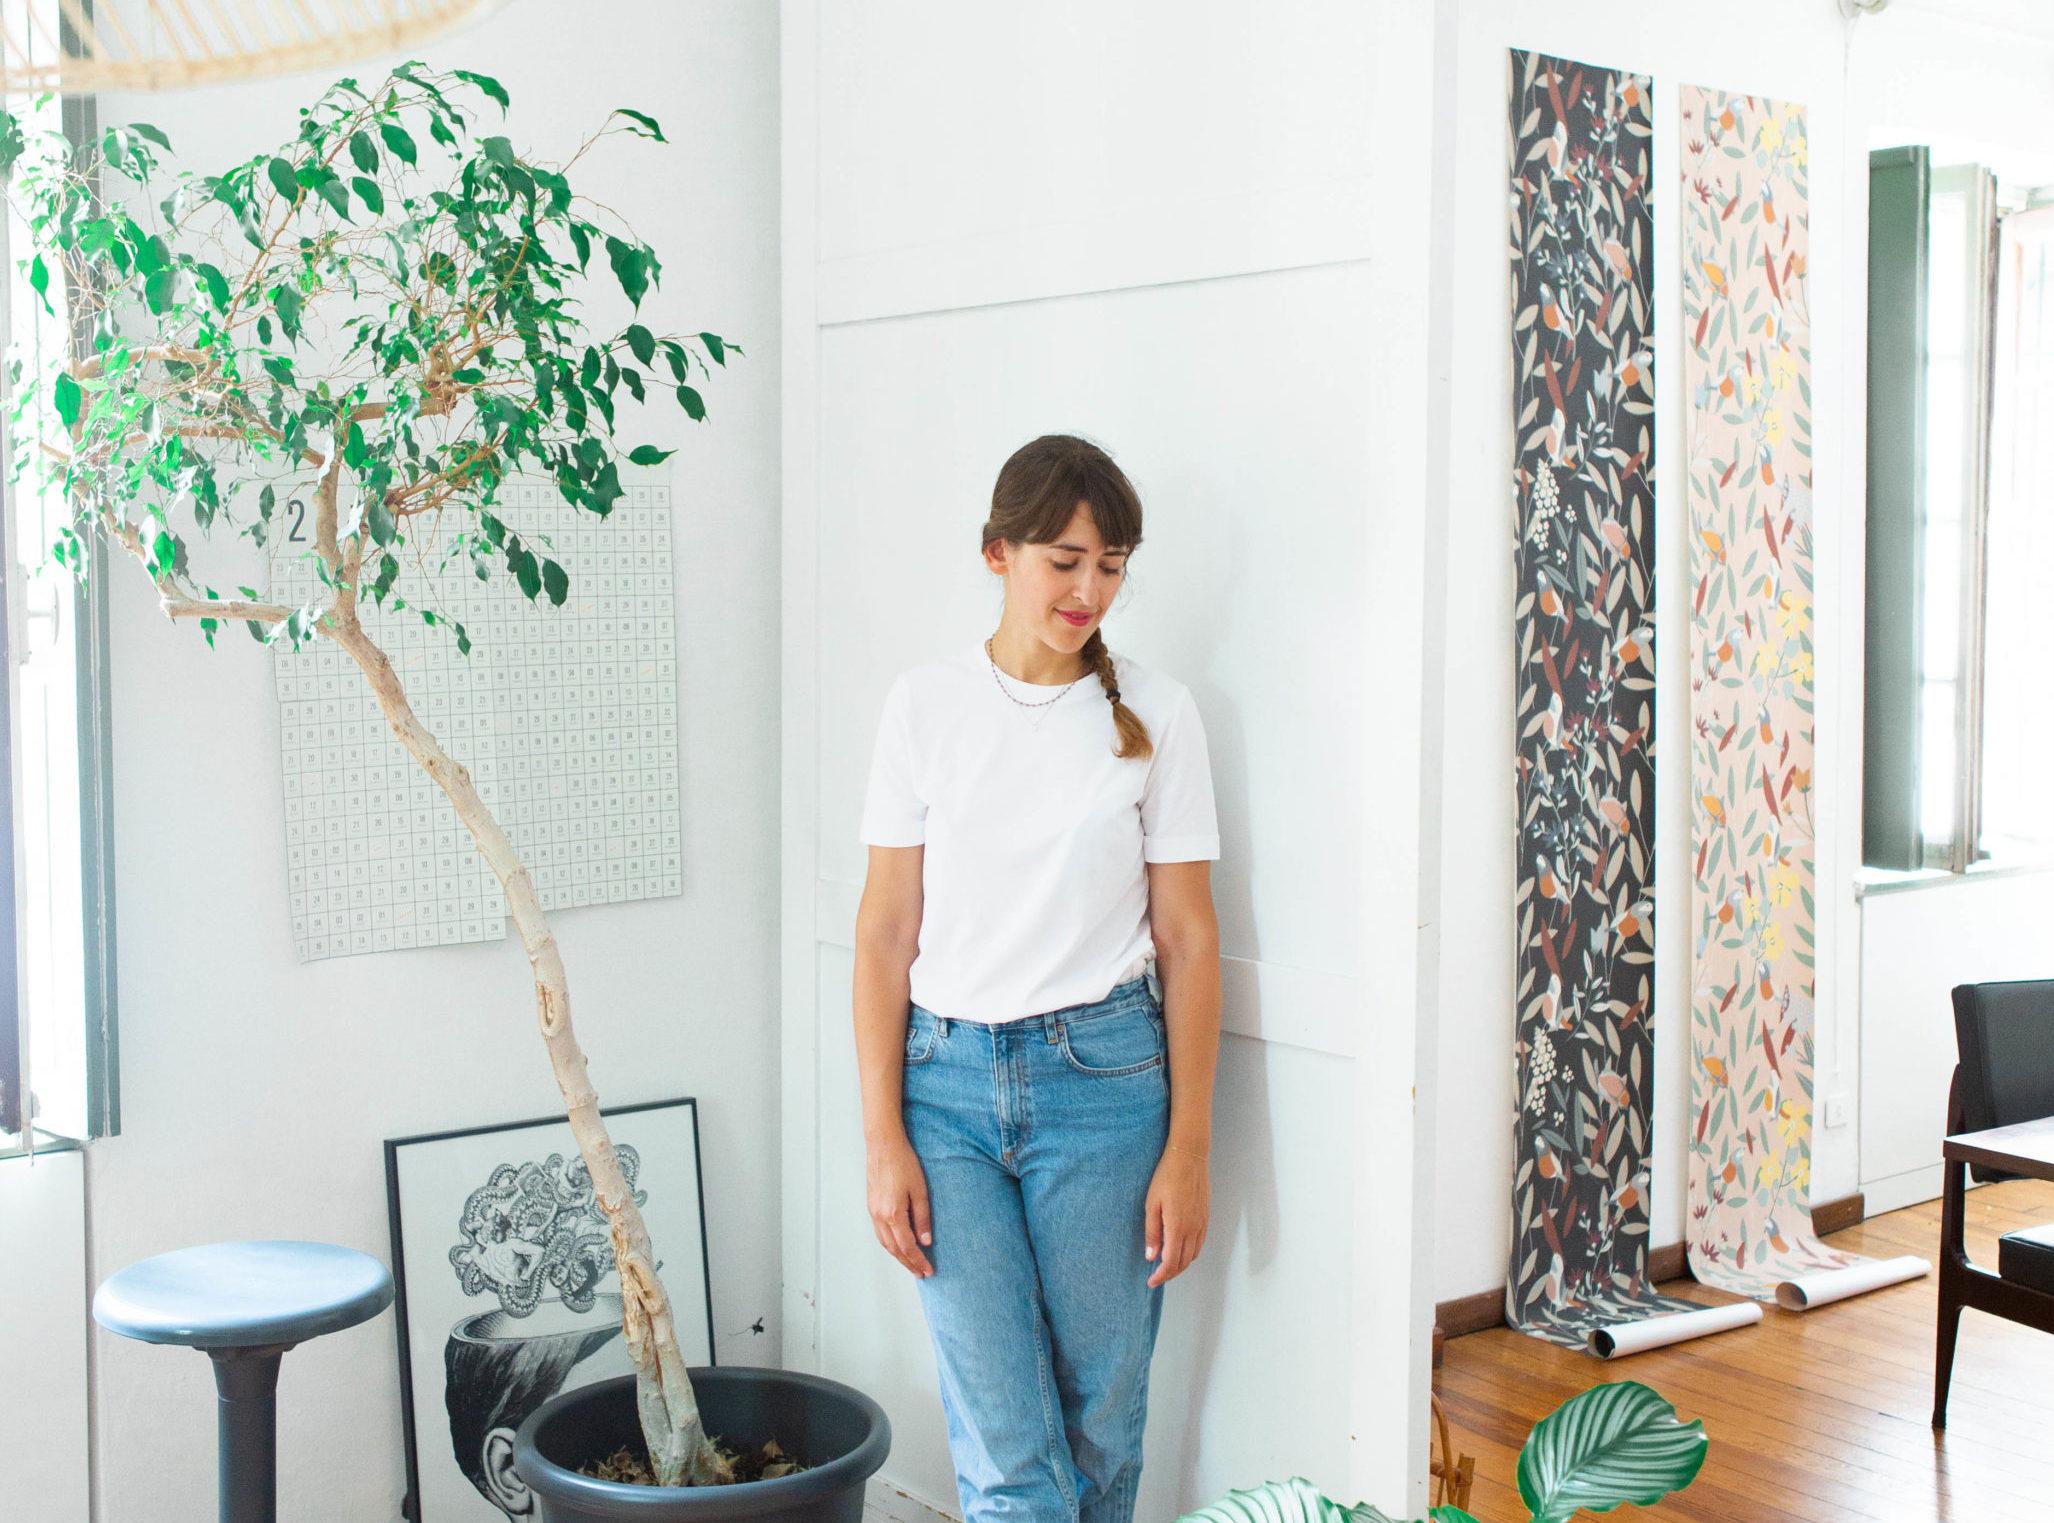 silvia stella osella moda sostenibile